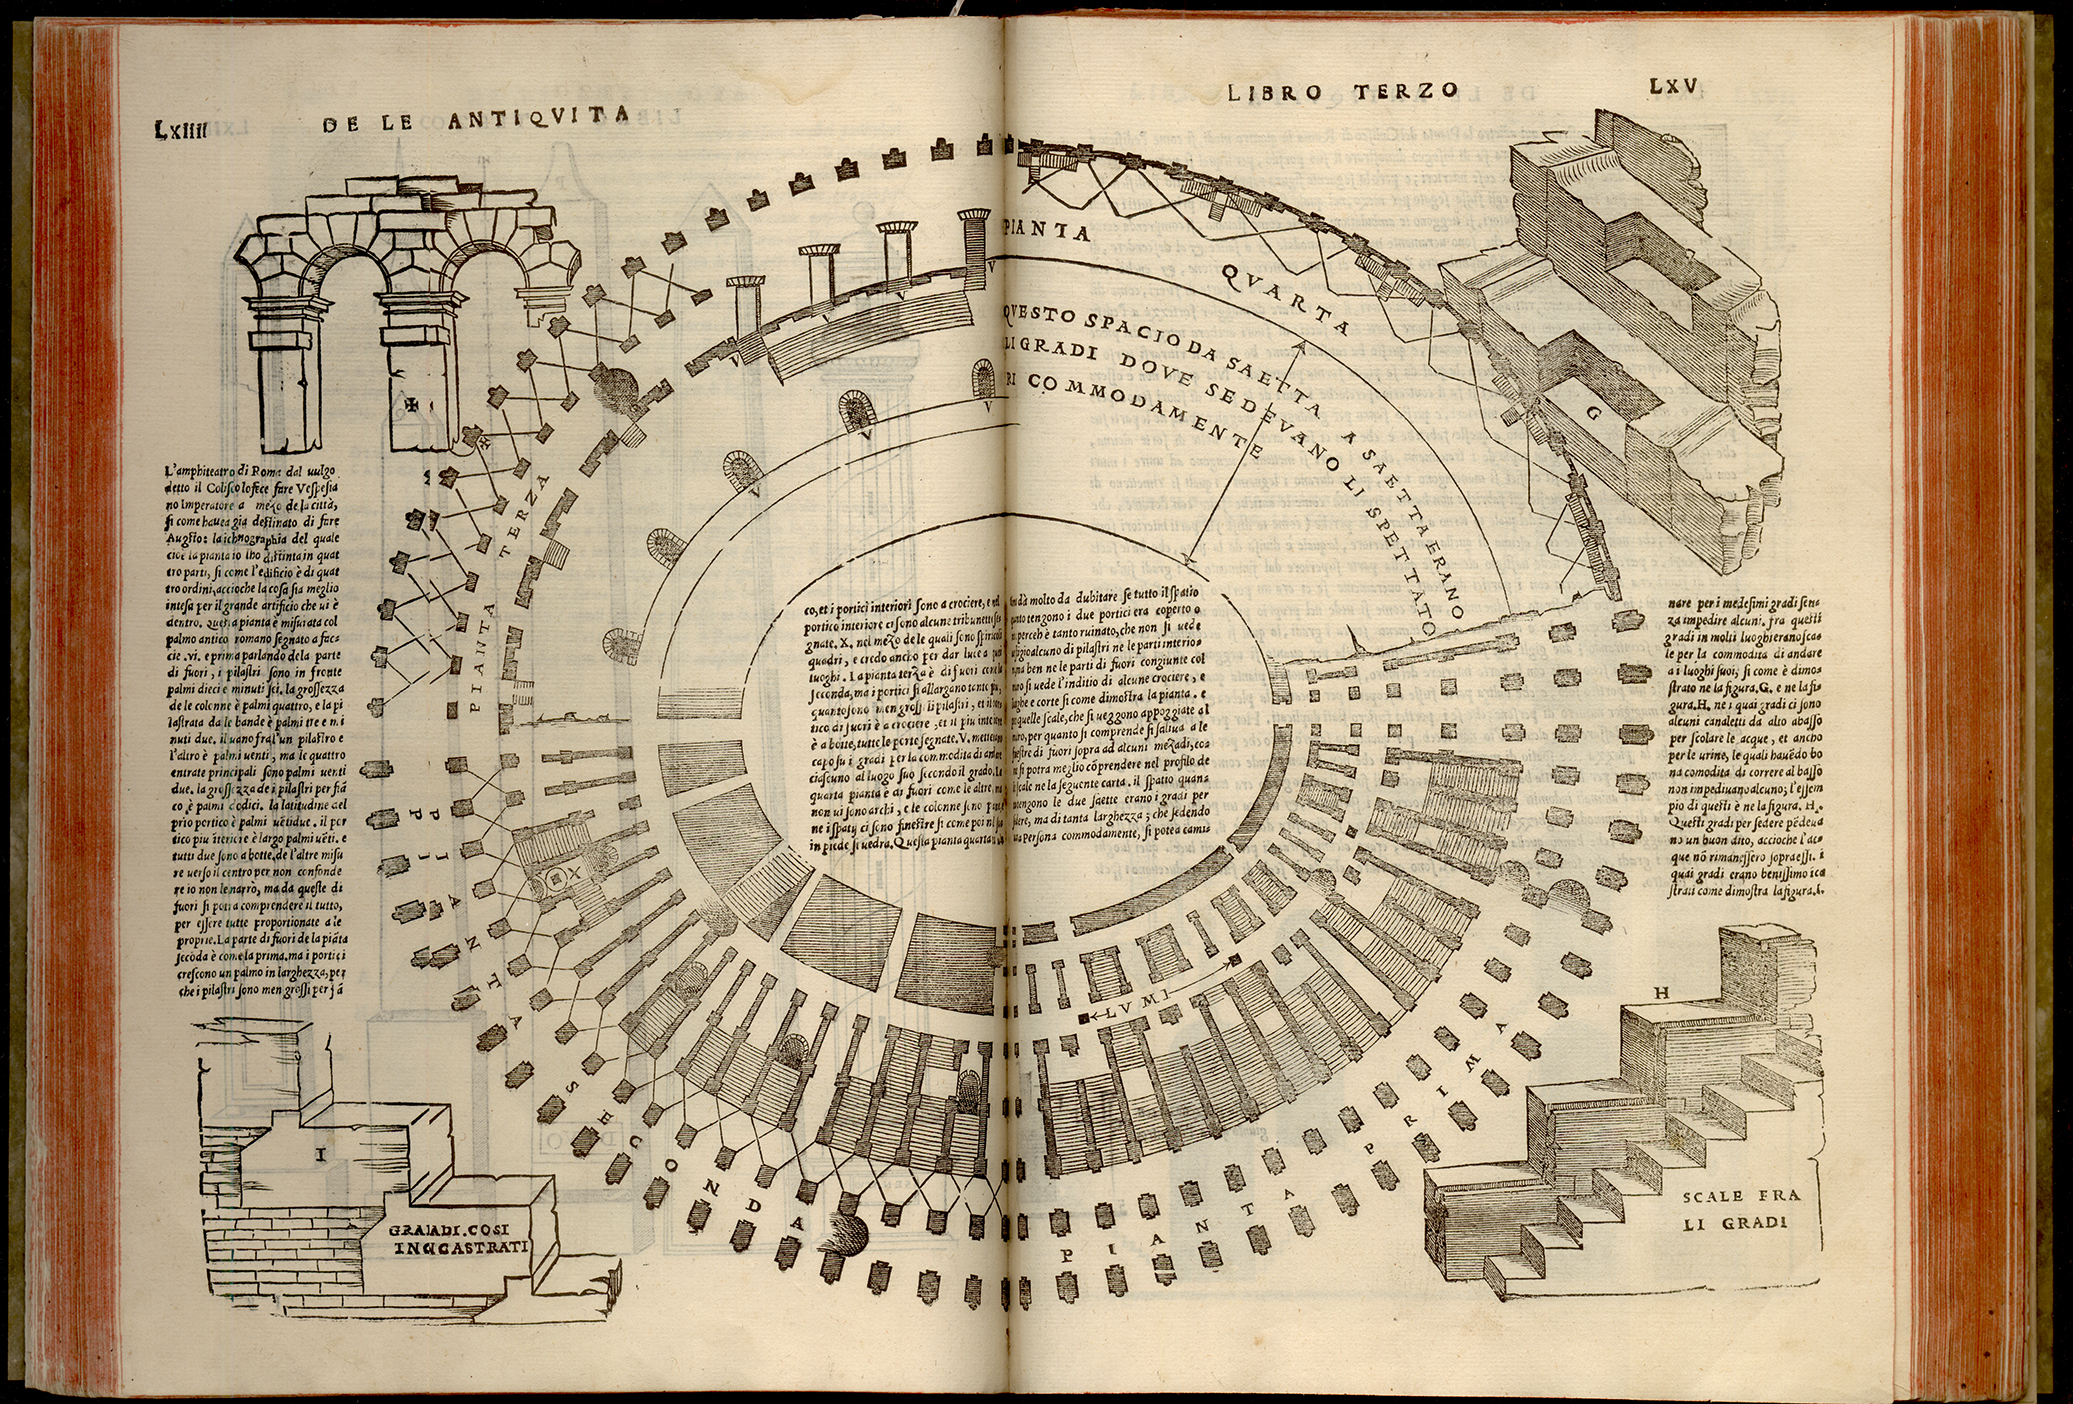 Sebastiano Serlio, Libro primo [-quinto] d' architecture, ca.1551. Venecia